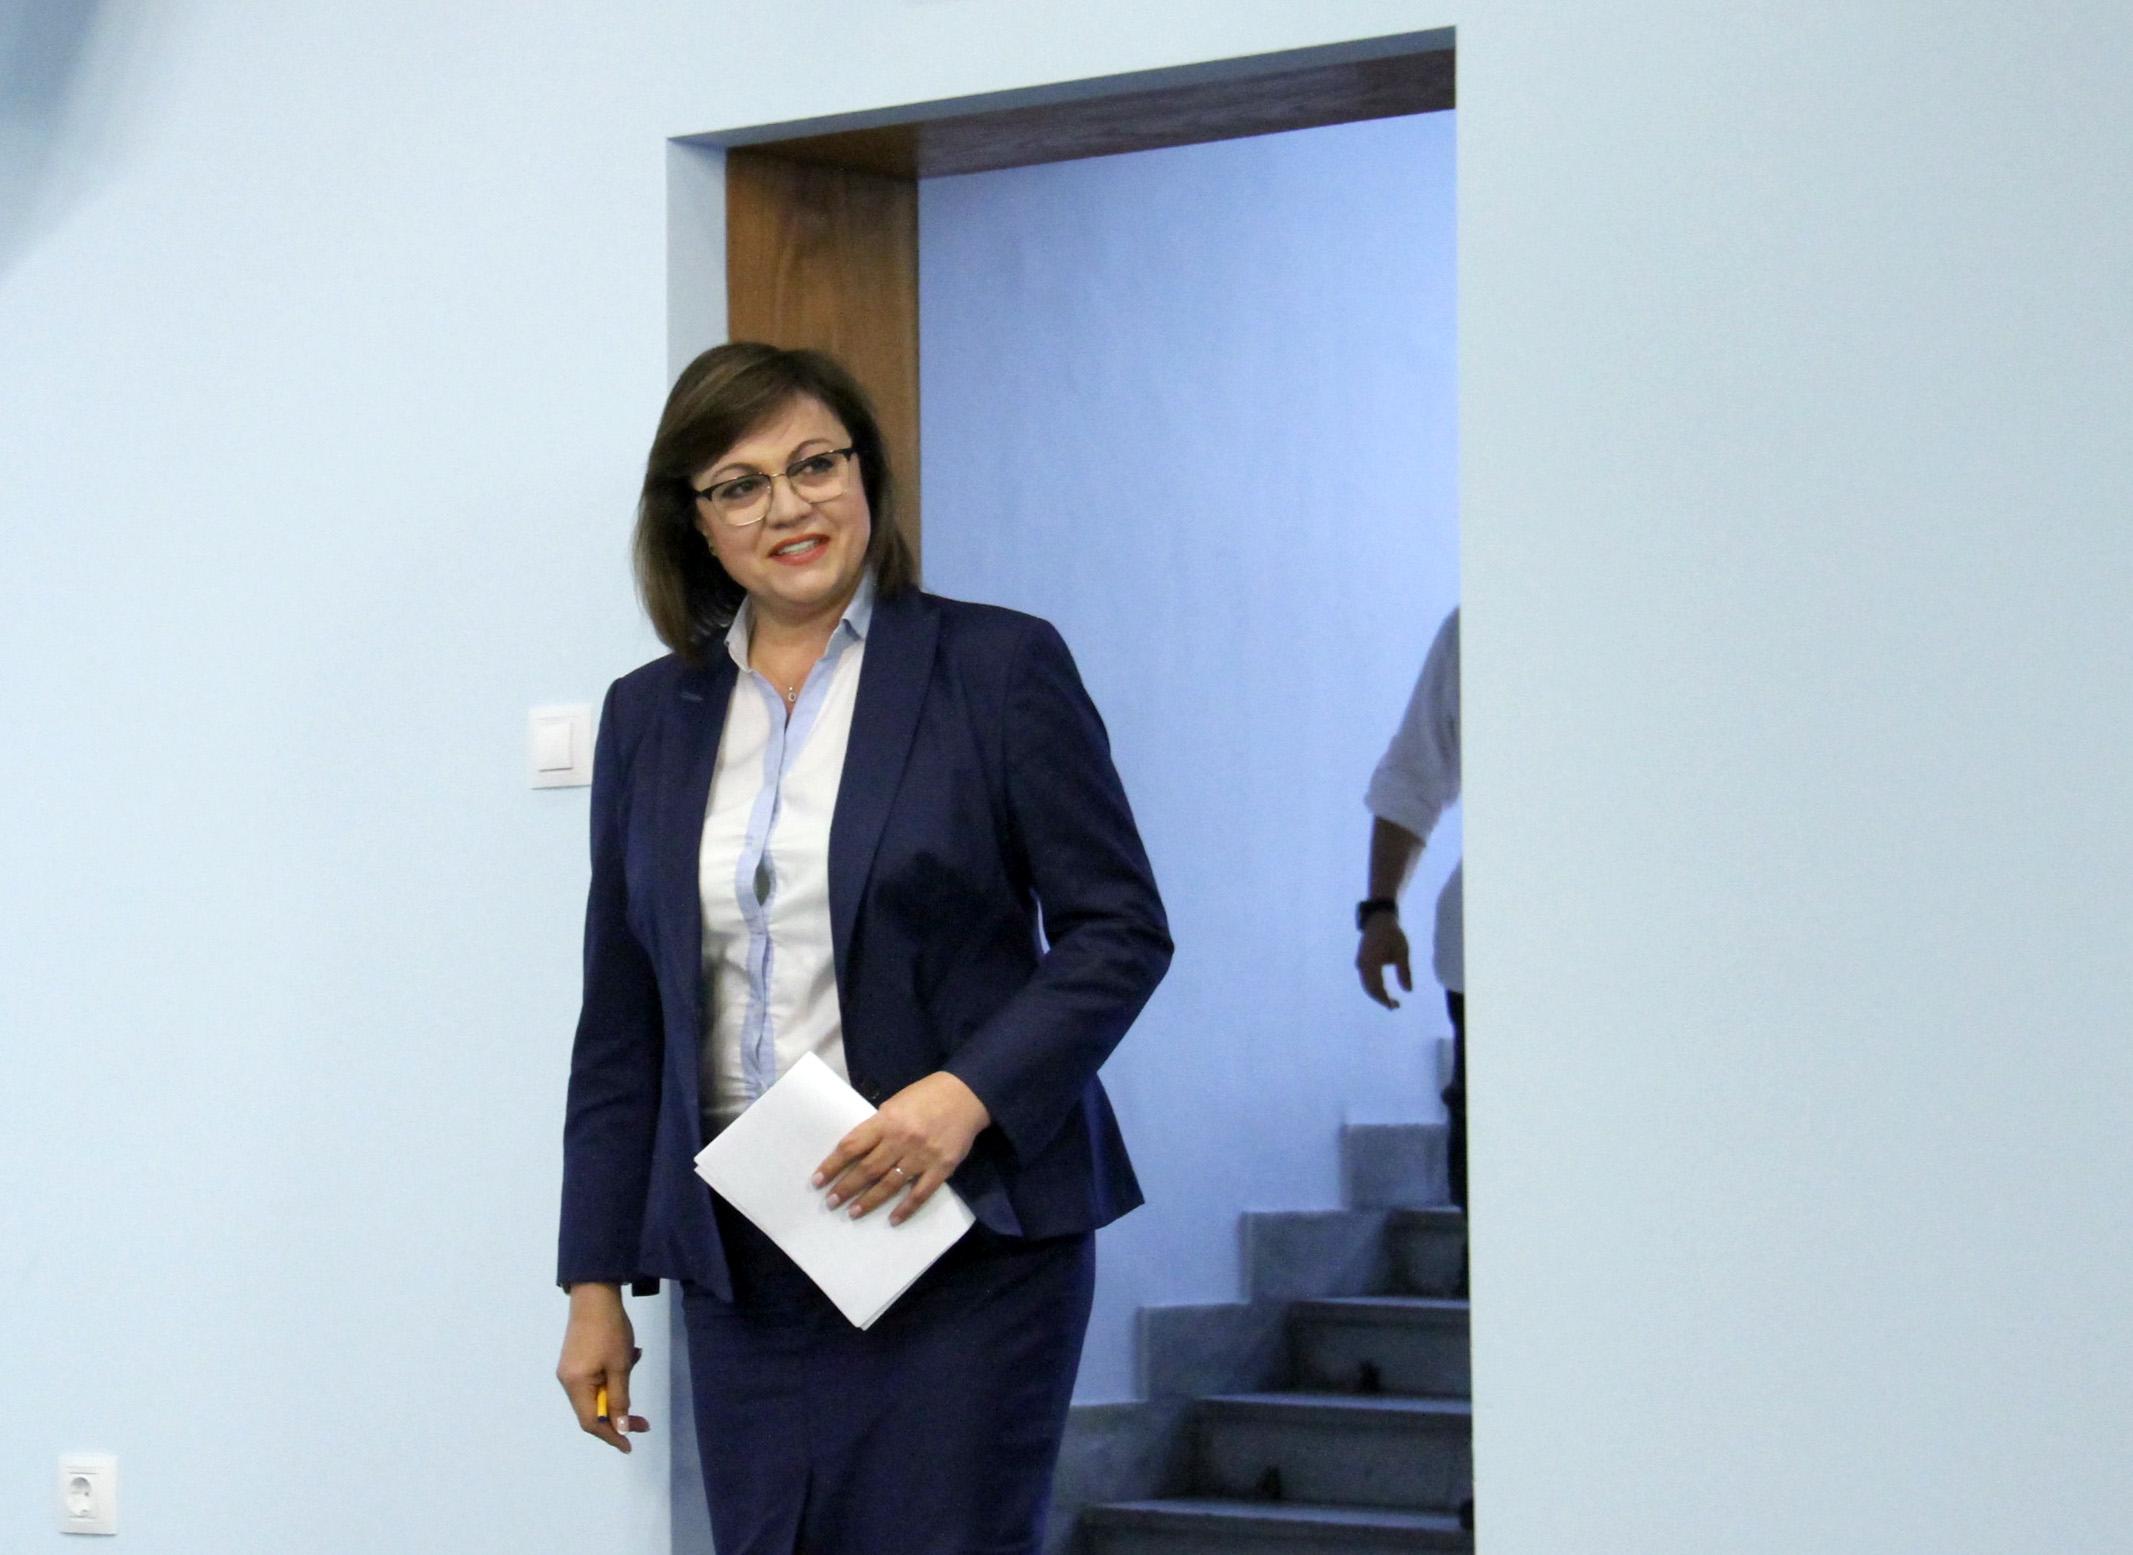 Лидерът на БСП Корнелия Нинова е дала положителен тест за